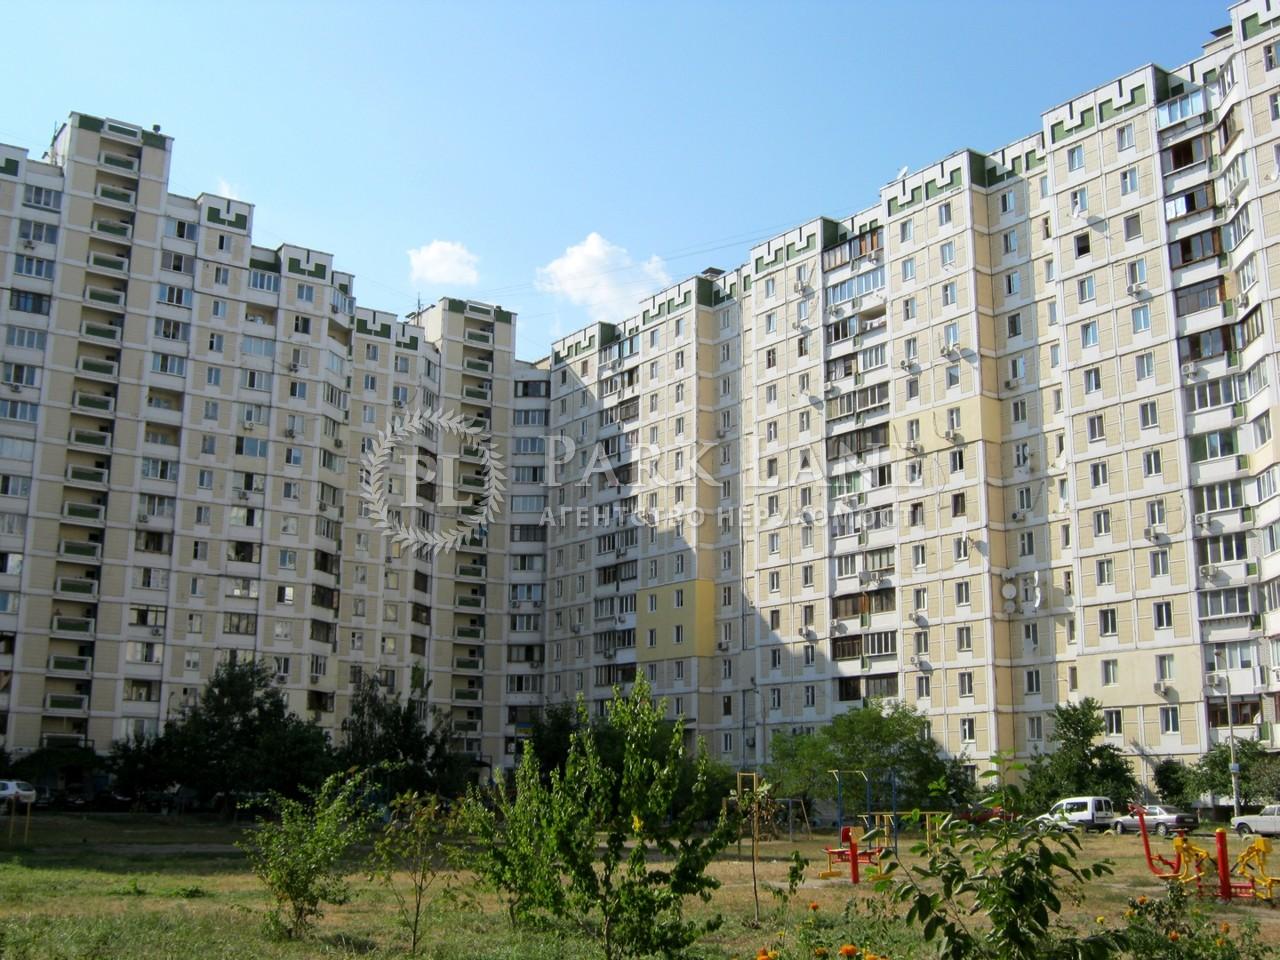 Квартира ул. Вишняковская, 7б, Киев, I-15961 - Фото 1